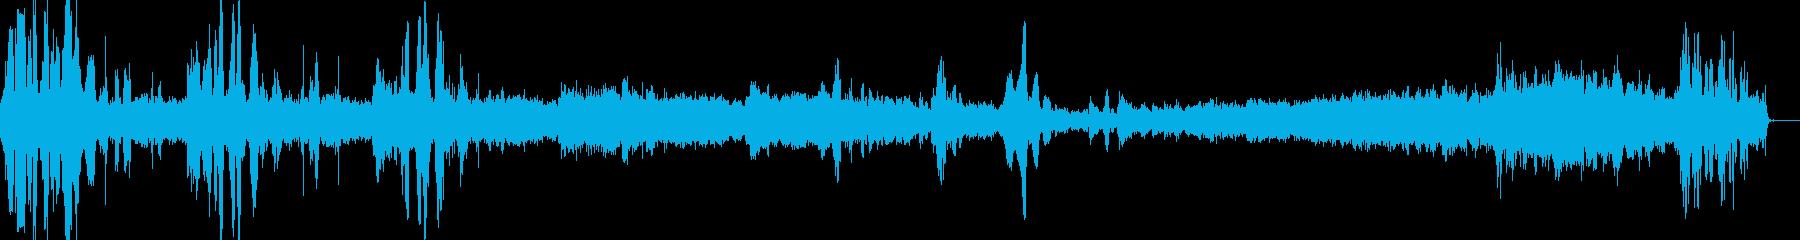 【ゲーム】 SFX ライズアップ 01の再生済みの波形